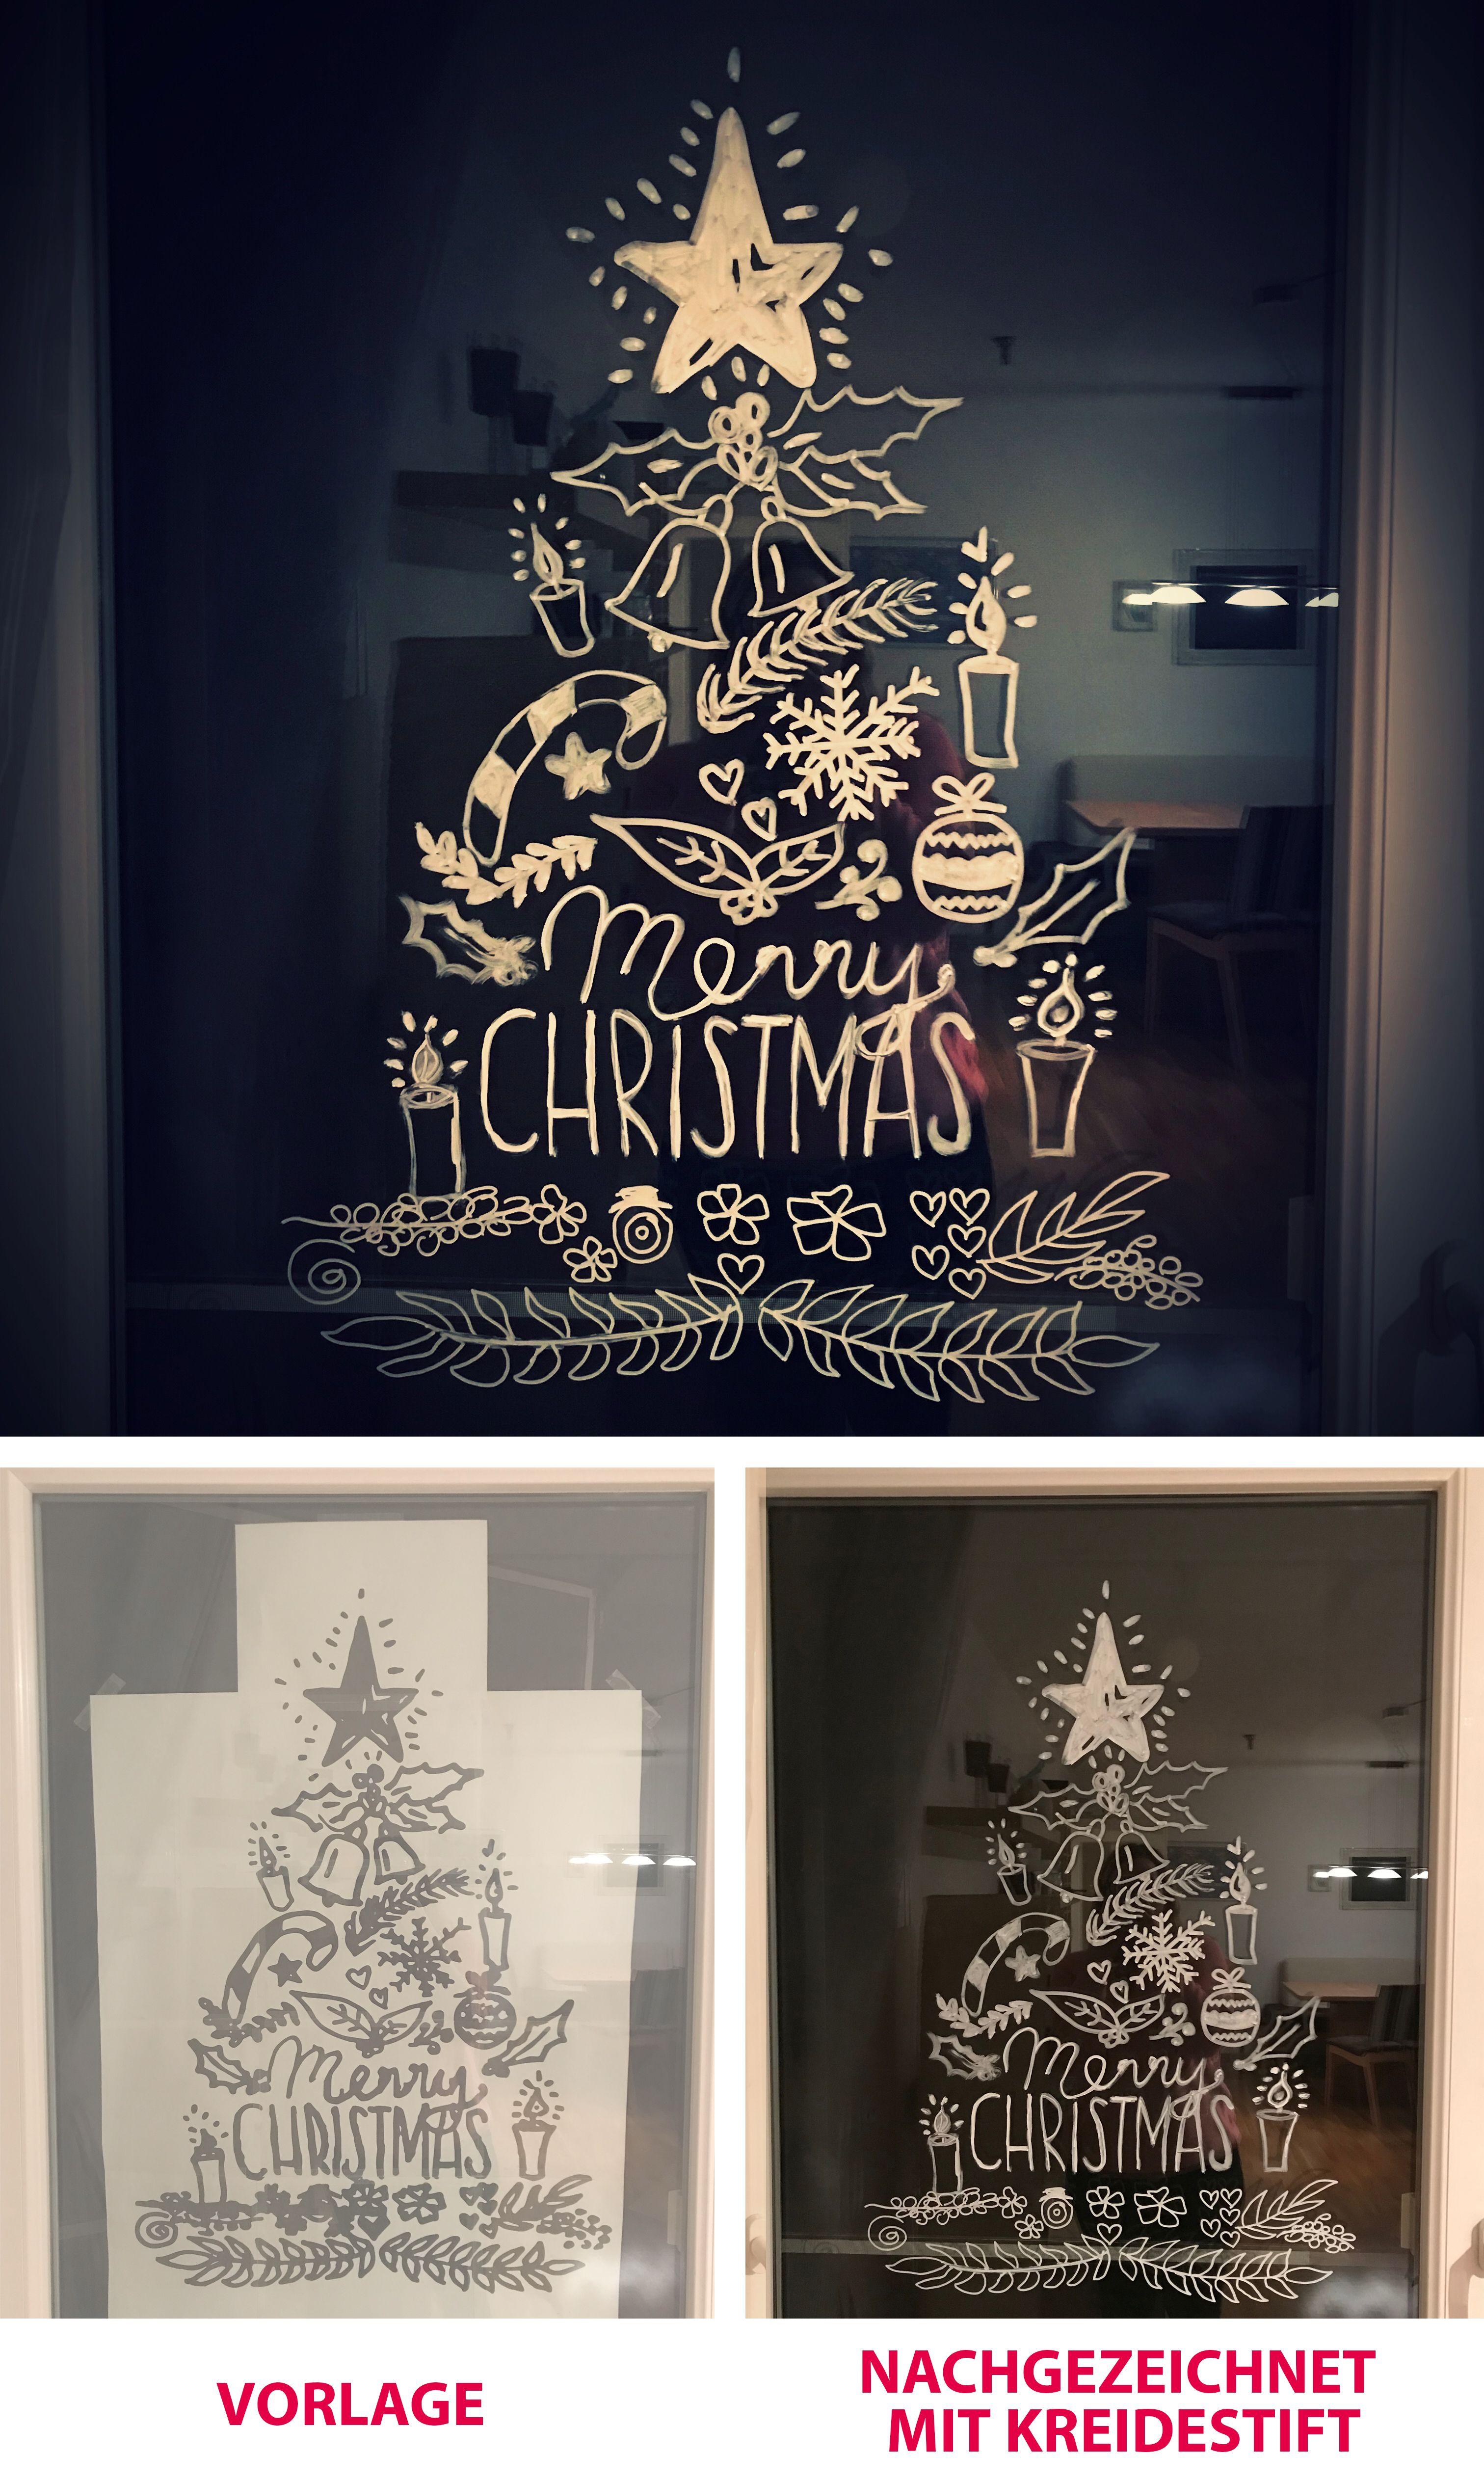 Xmas Tree Kreidestift Chalk Marker Window Fenster Weihnachten Deko Weihnachten Fenster Fensterbilder Weihnachten Weihnachtsideen